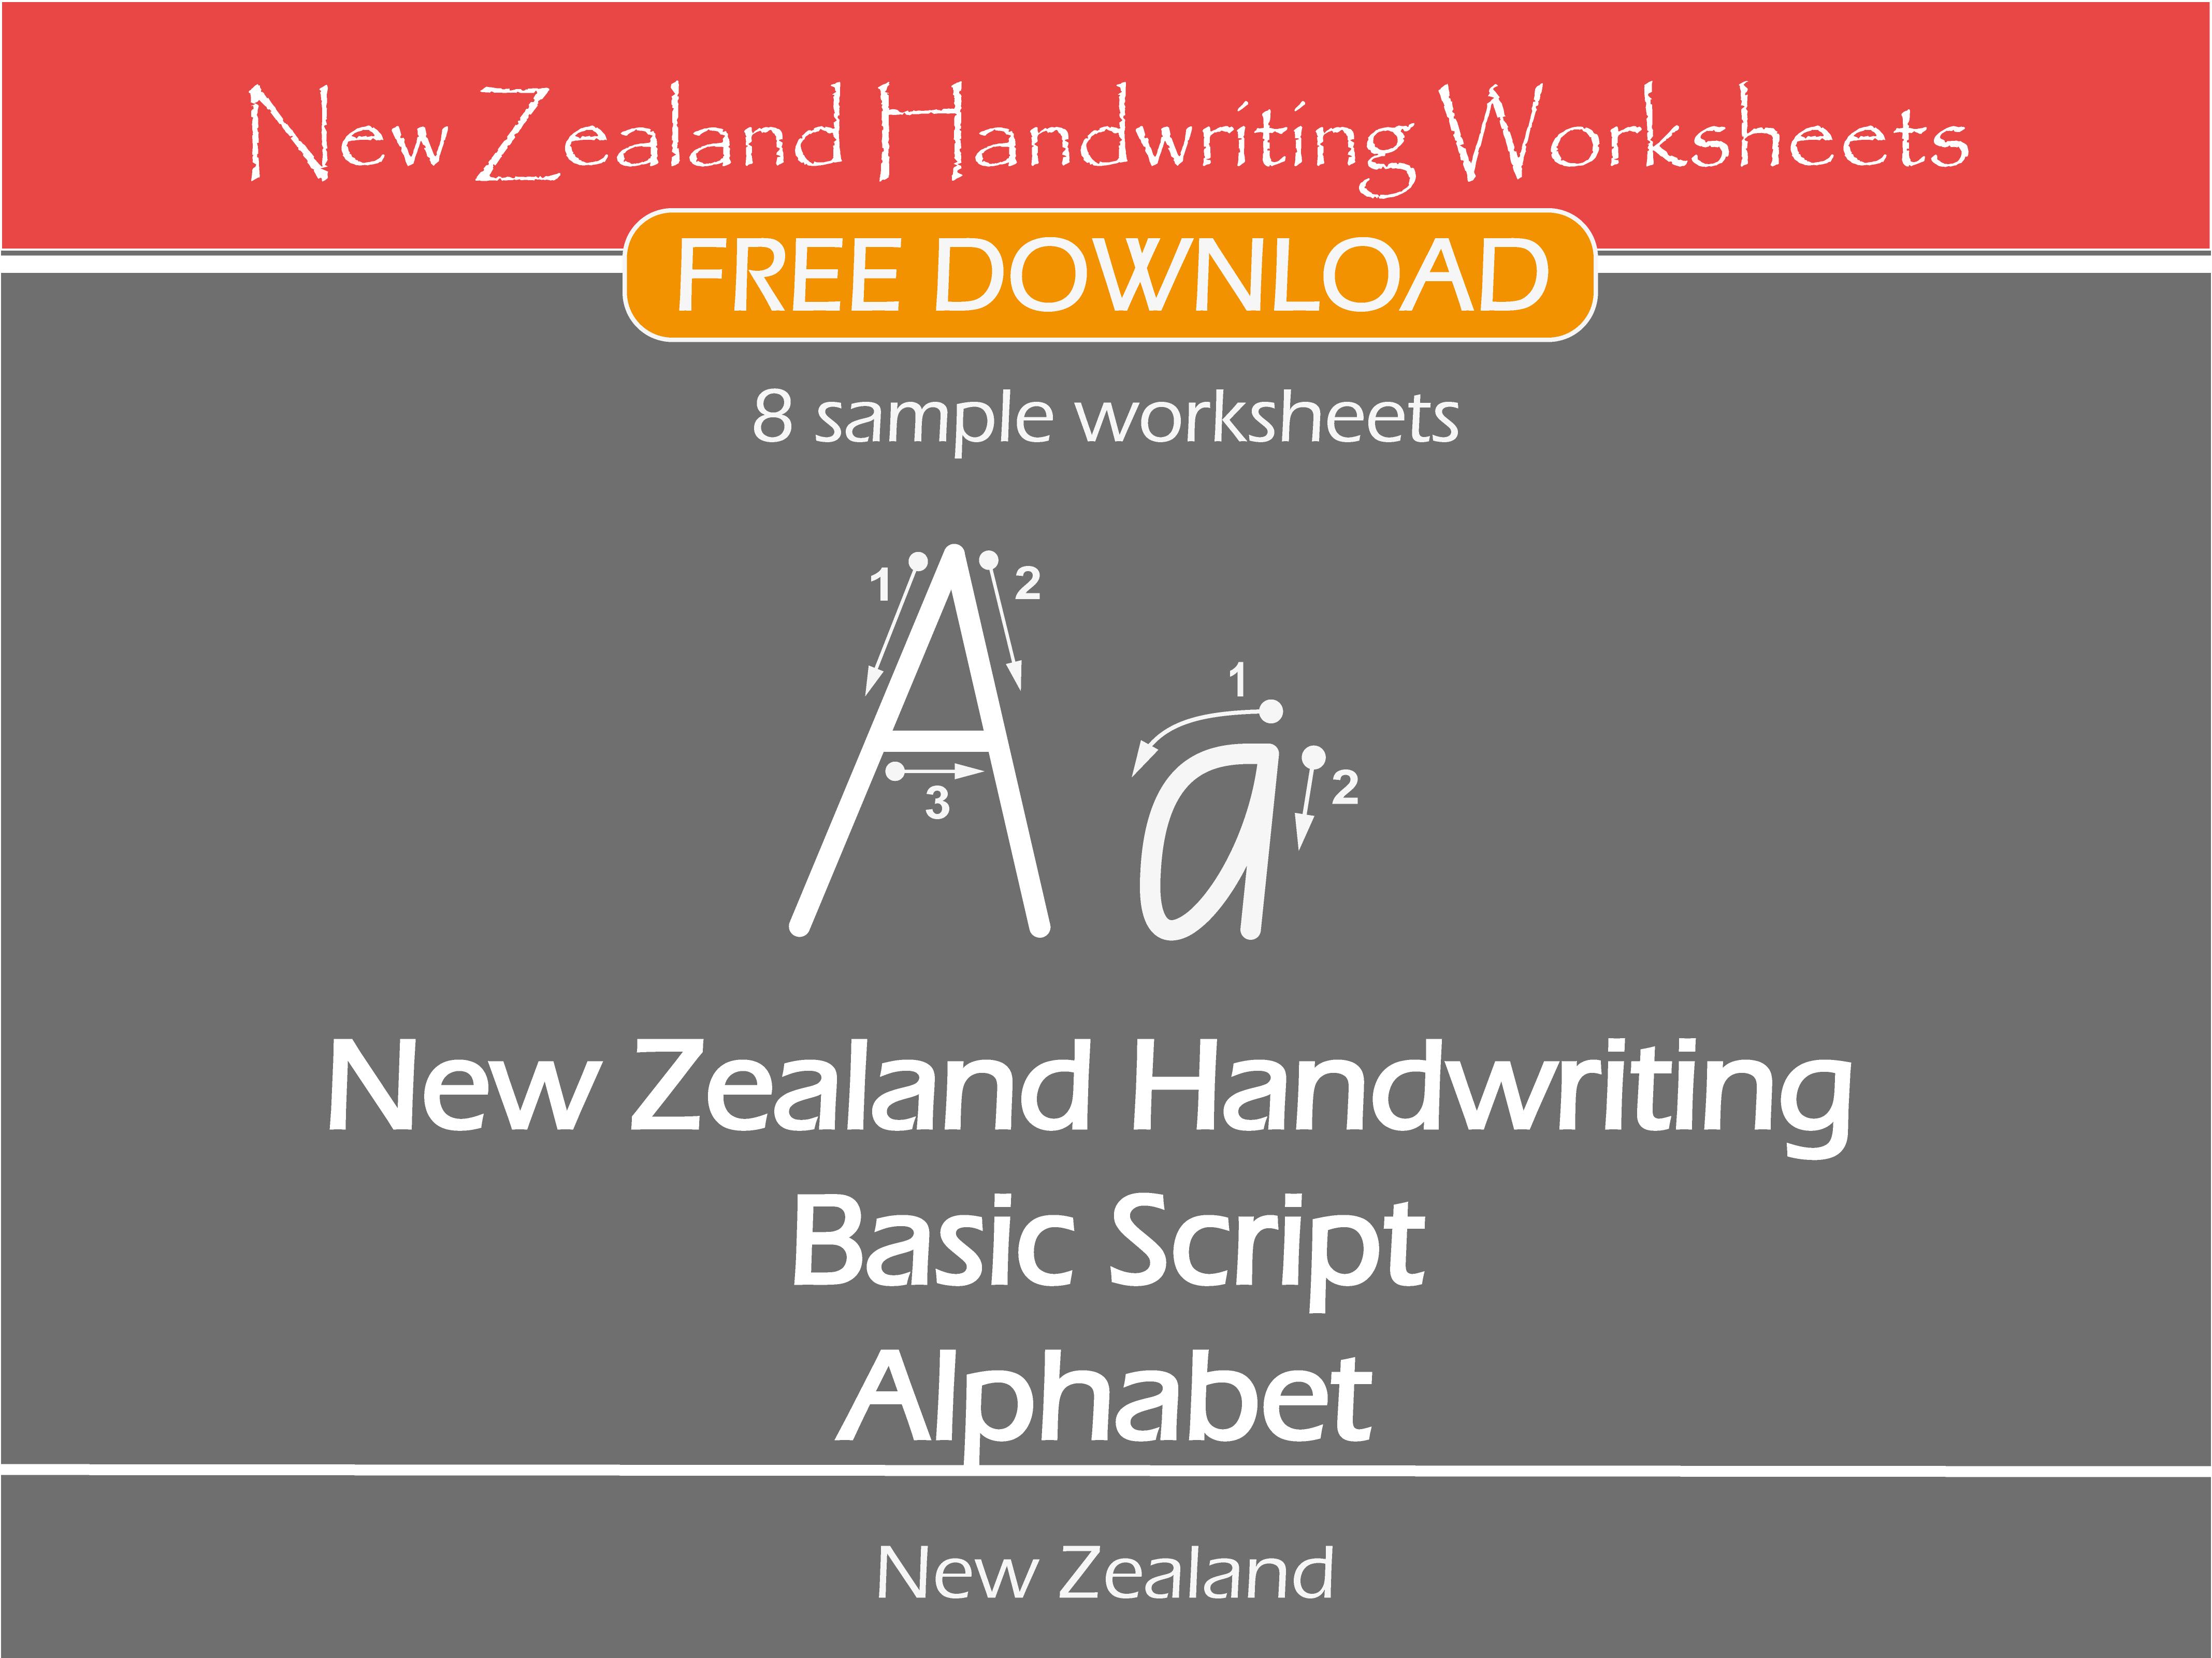 New Zealand Handwriting Worksheets New Zealand Basic